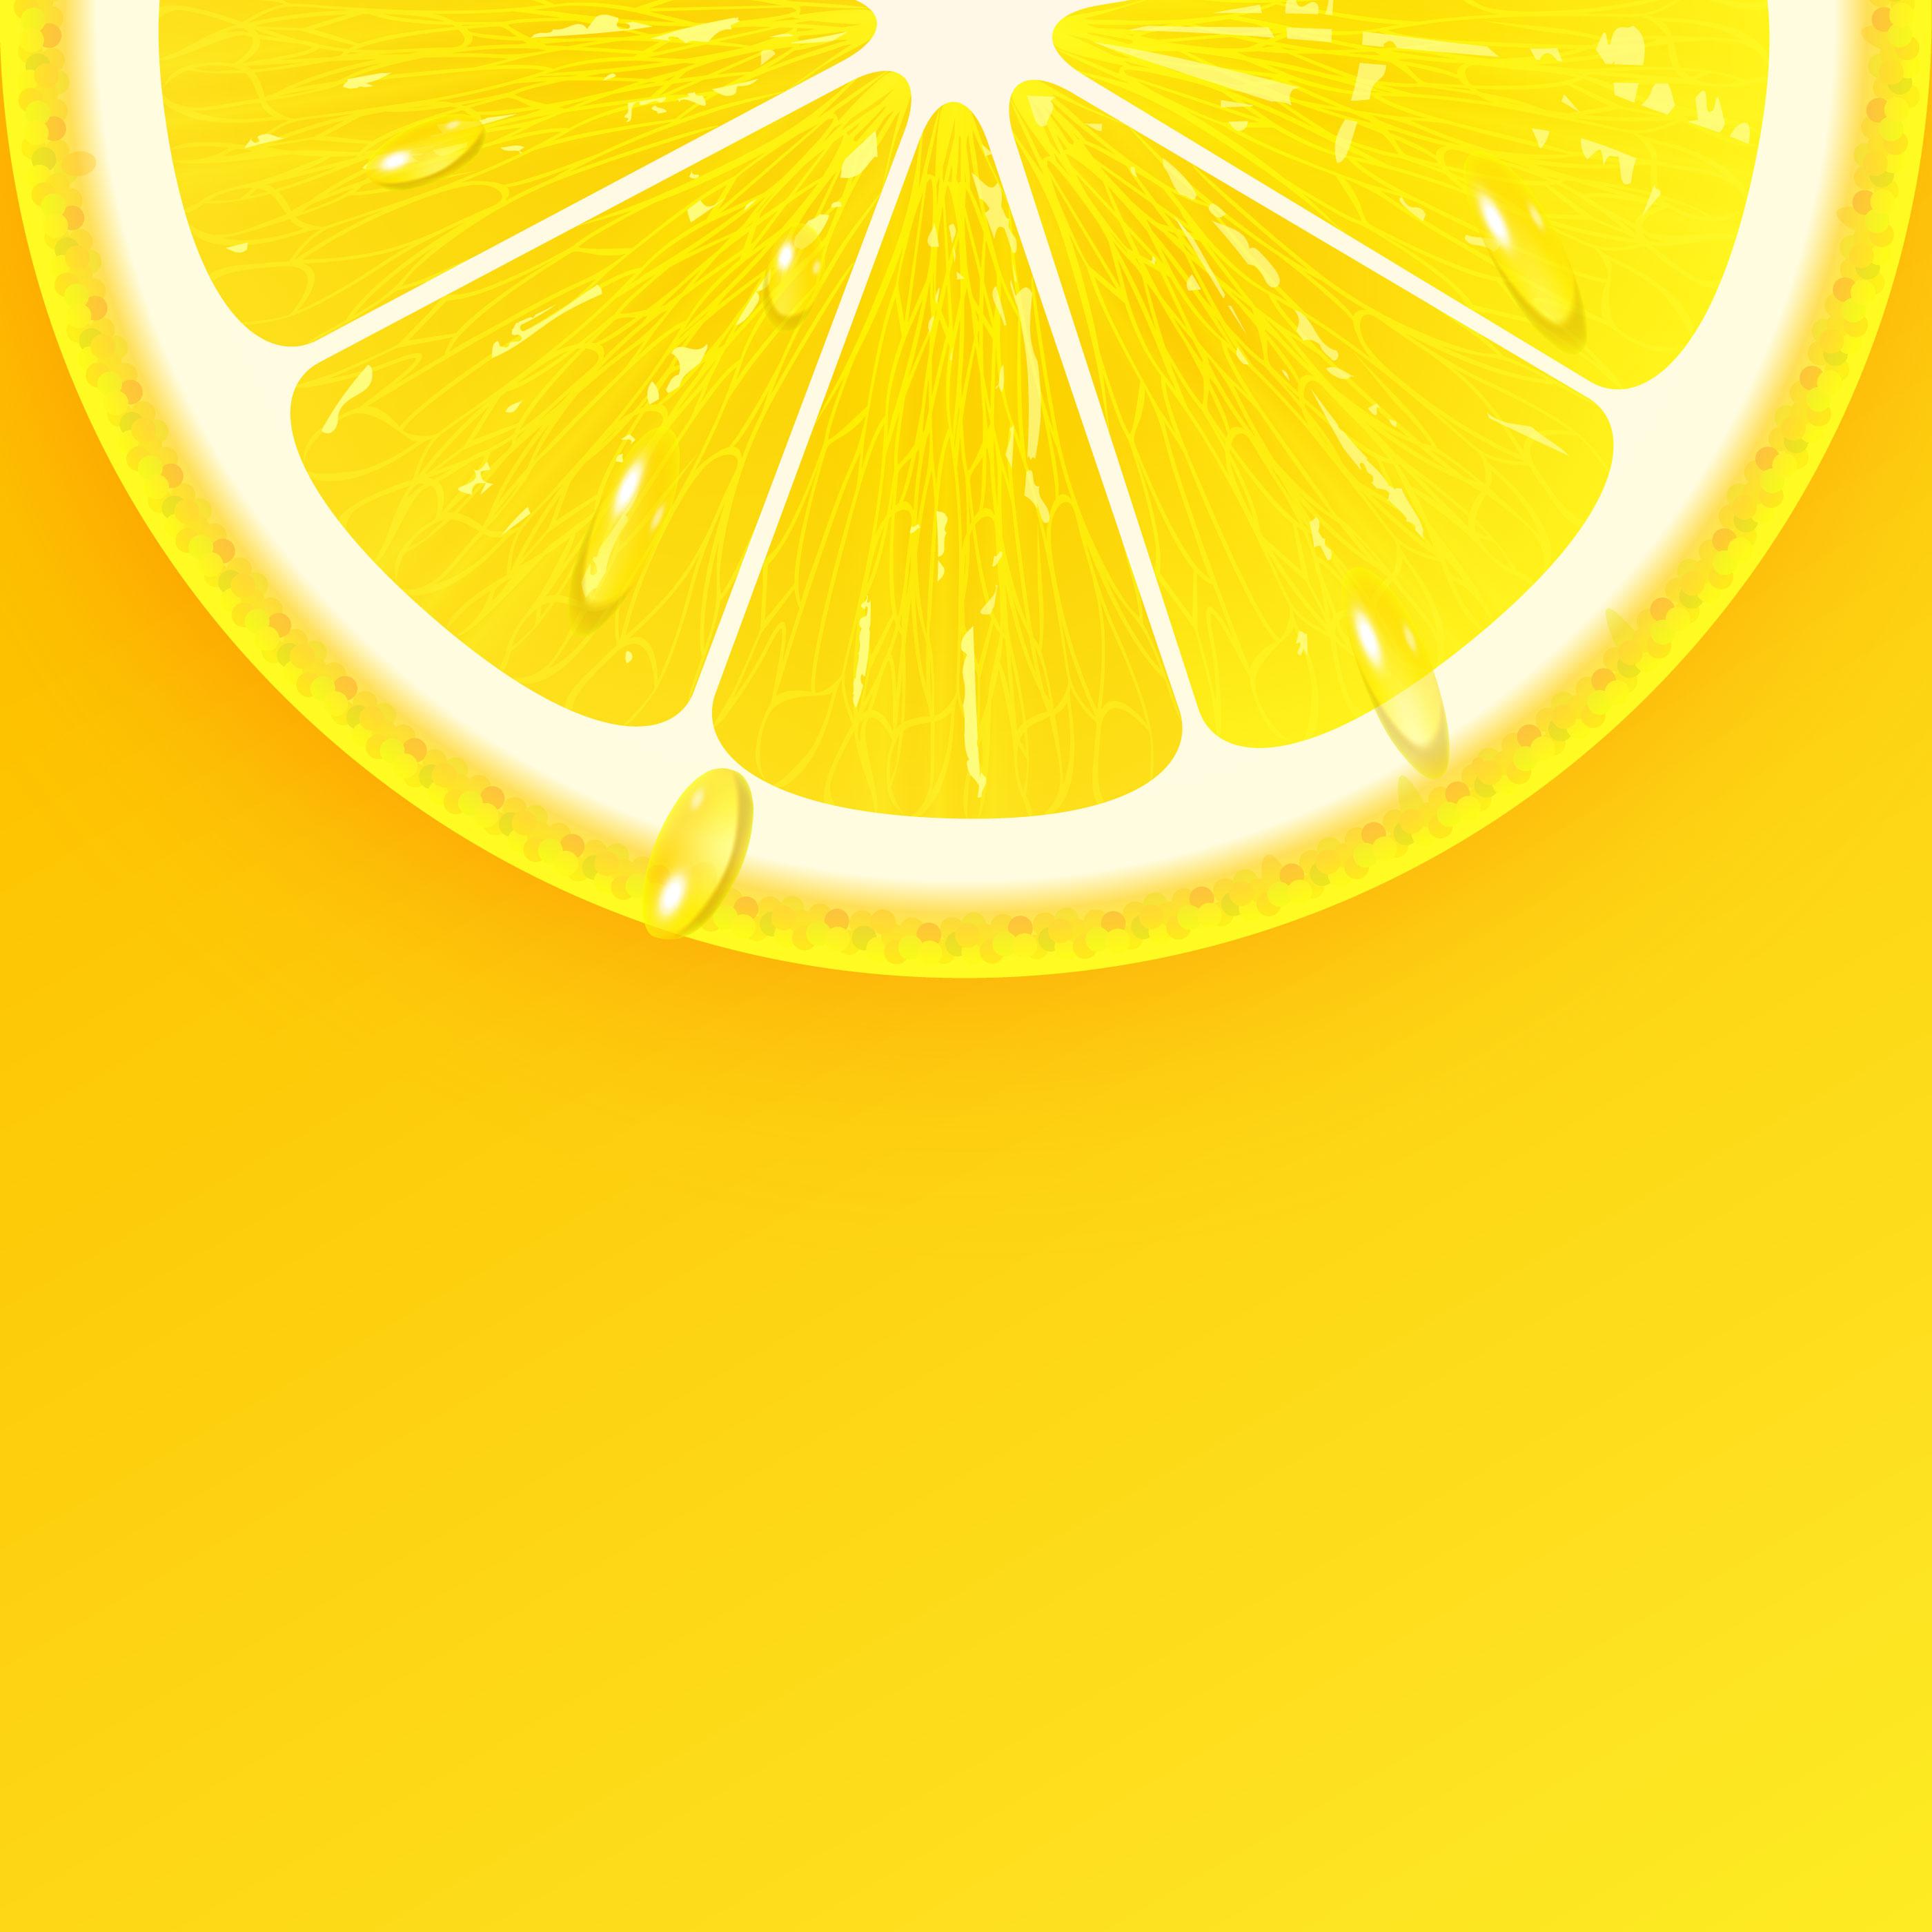 Sliced Fresh Lemon Background Vector